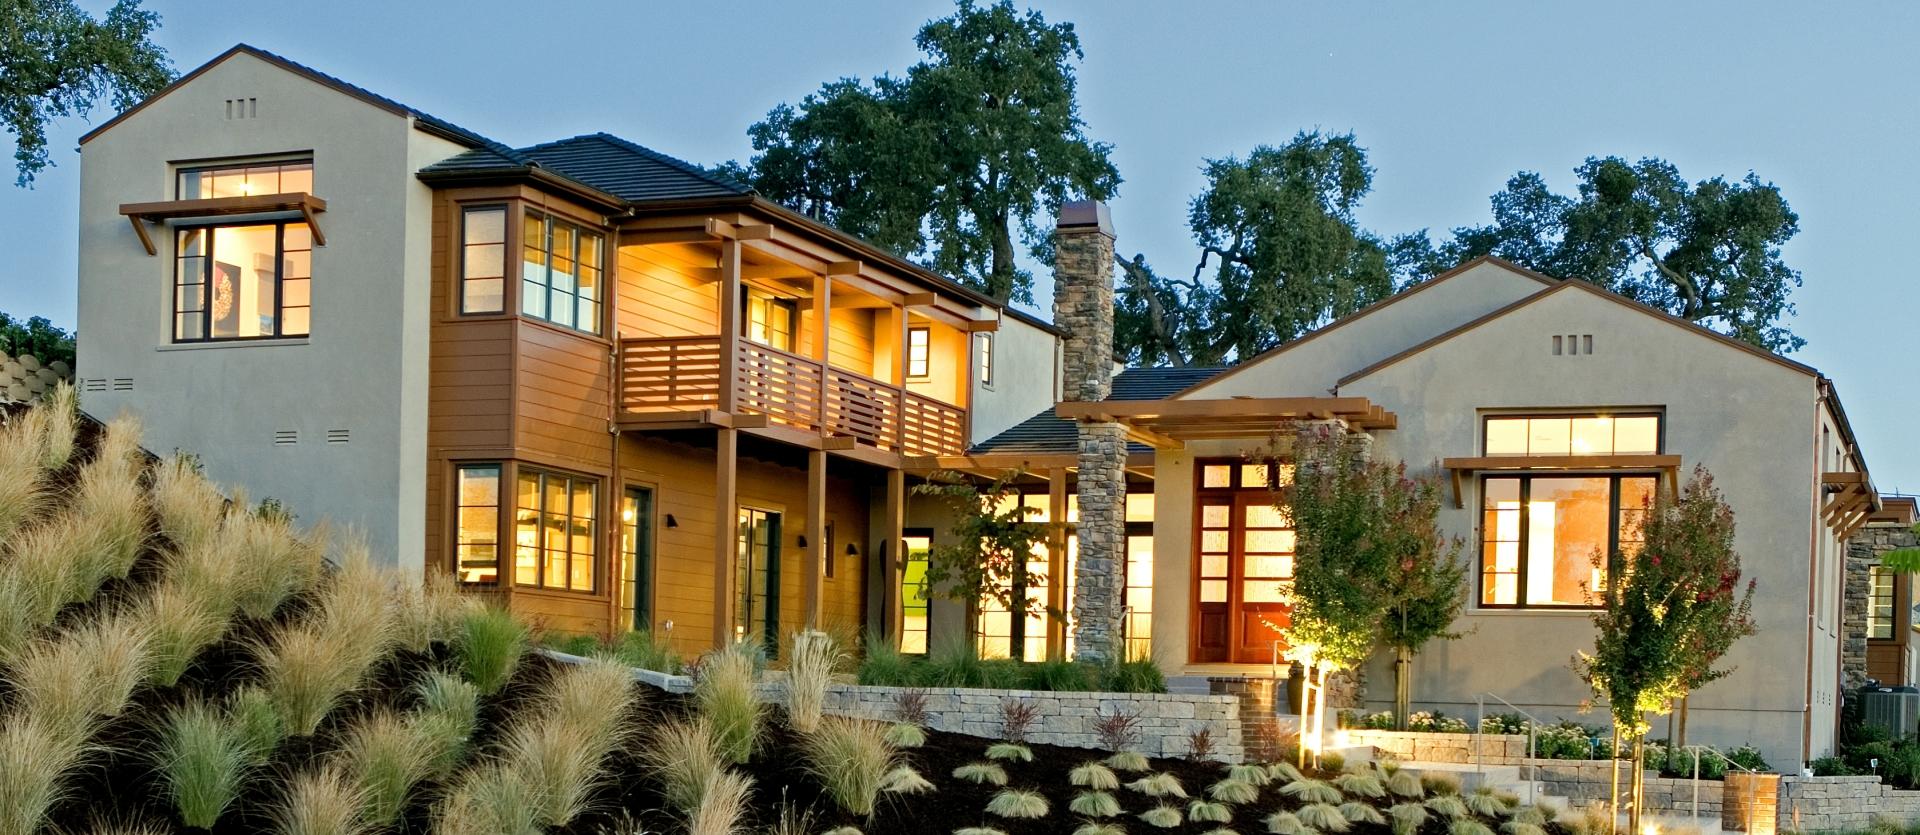 Sunset Idea House 2006